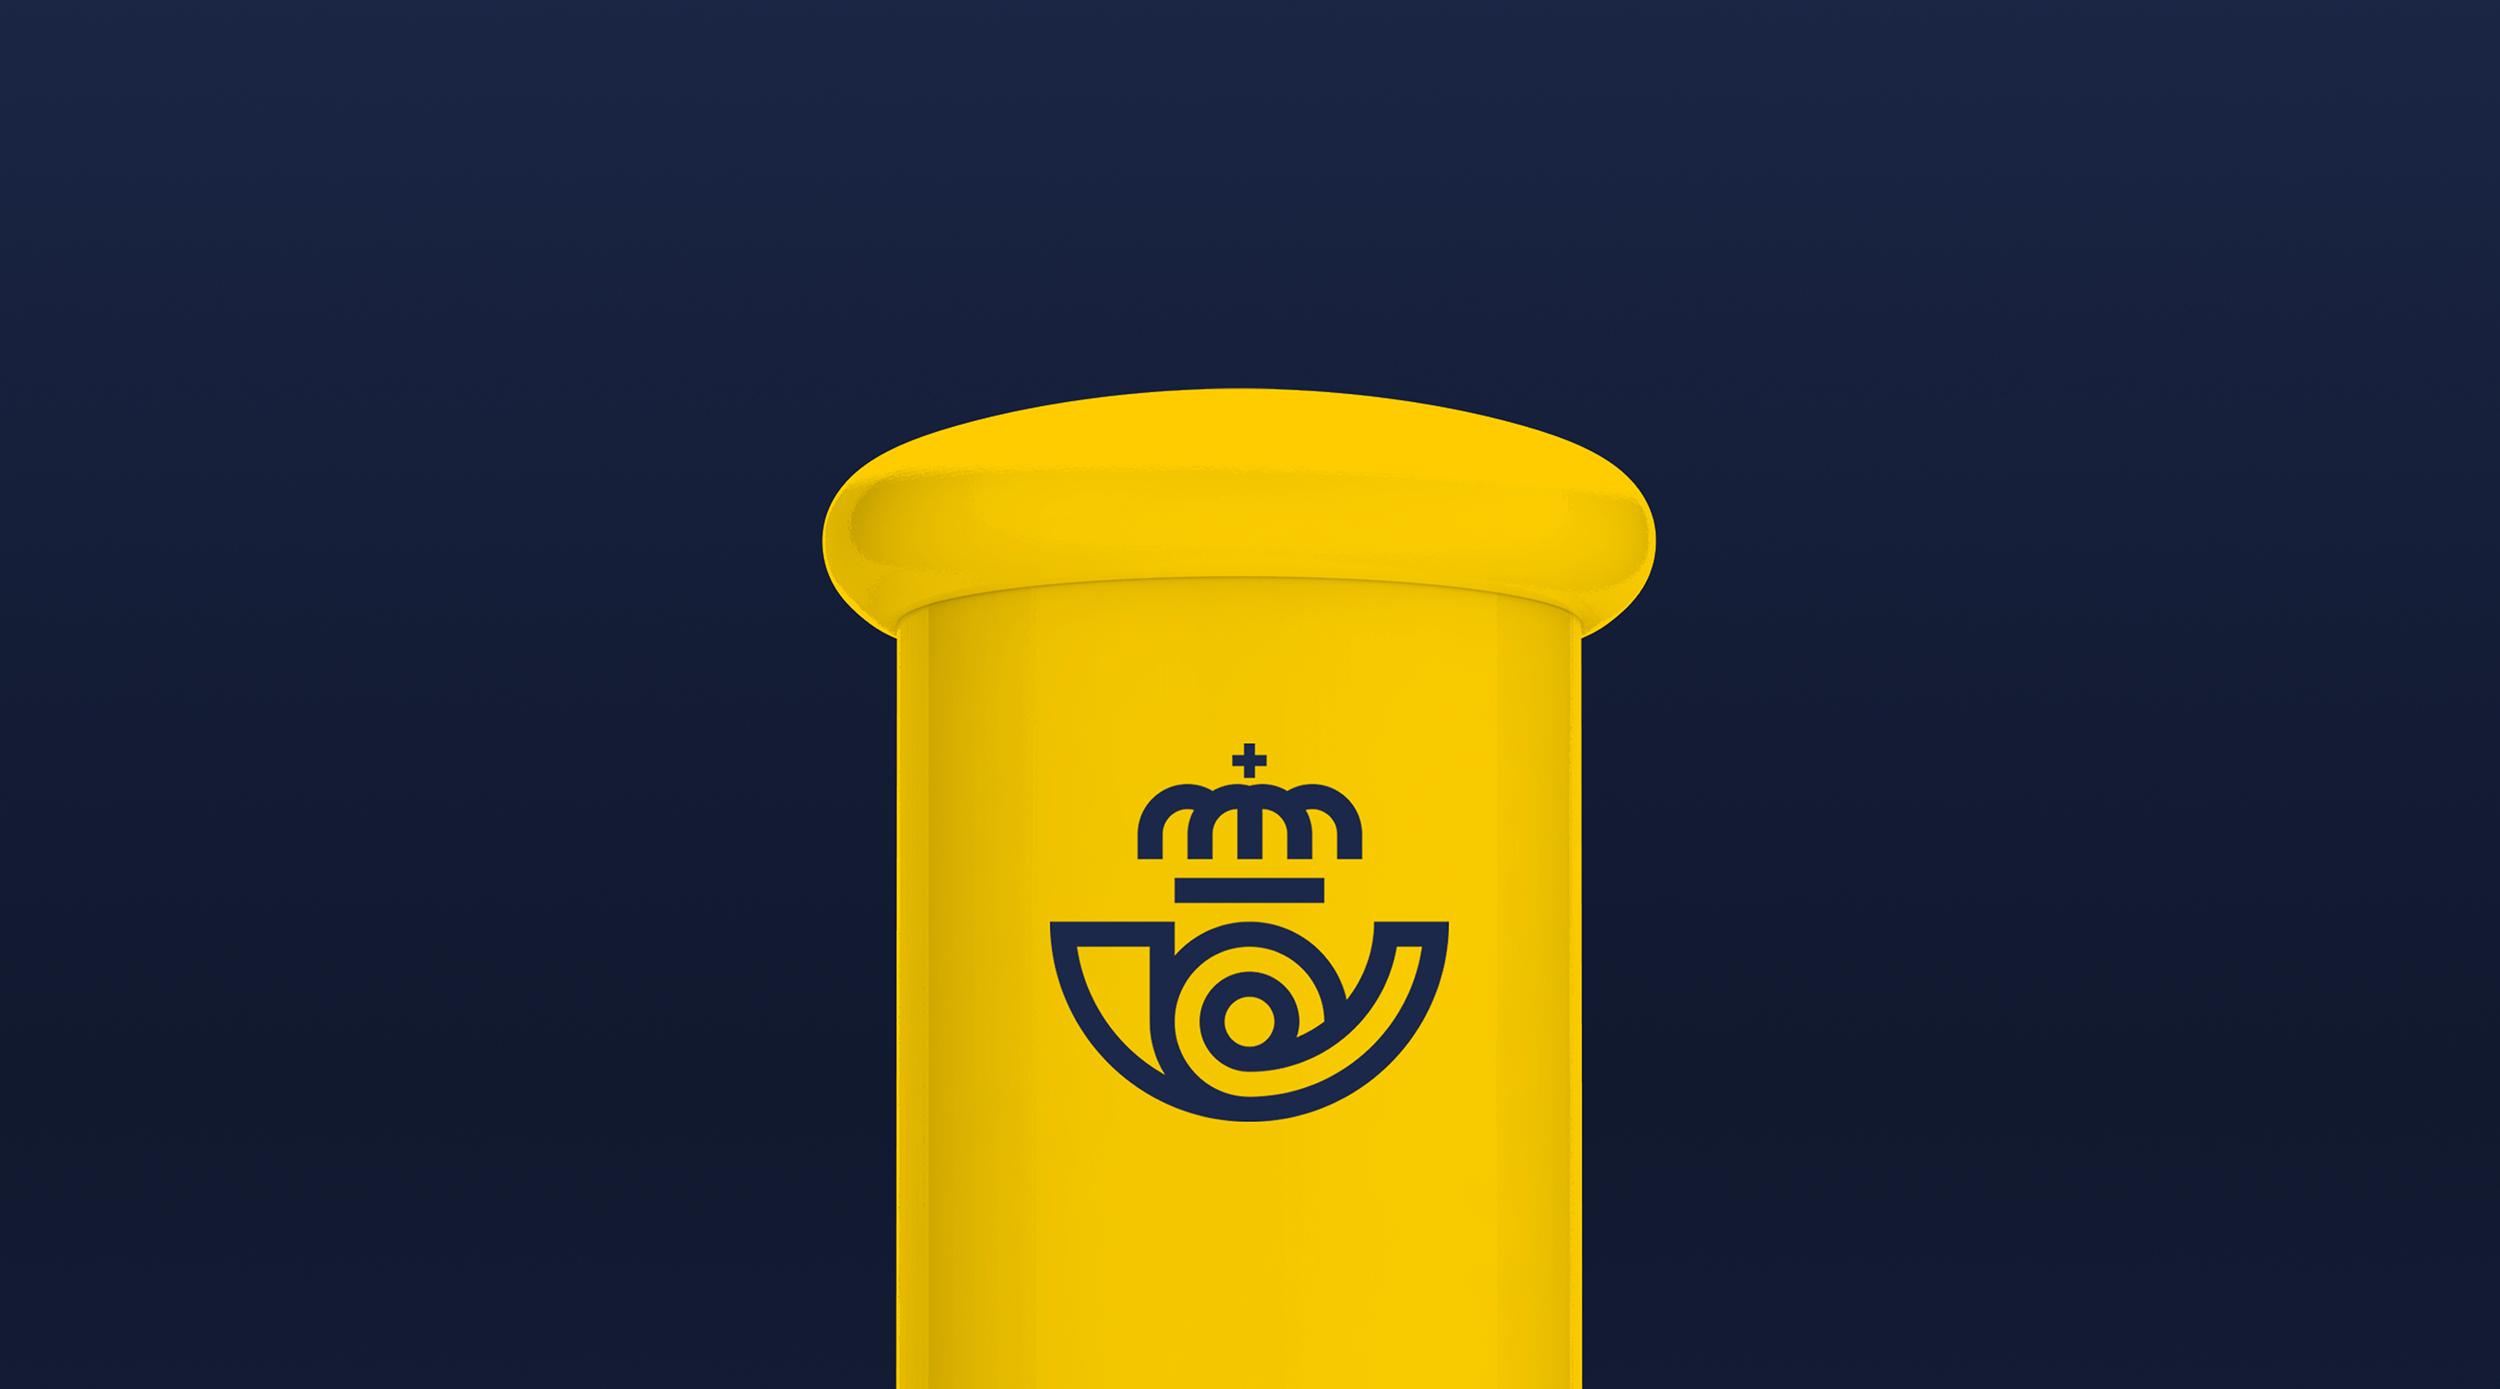 Nowe logo Correos na skrzynce pocztowej